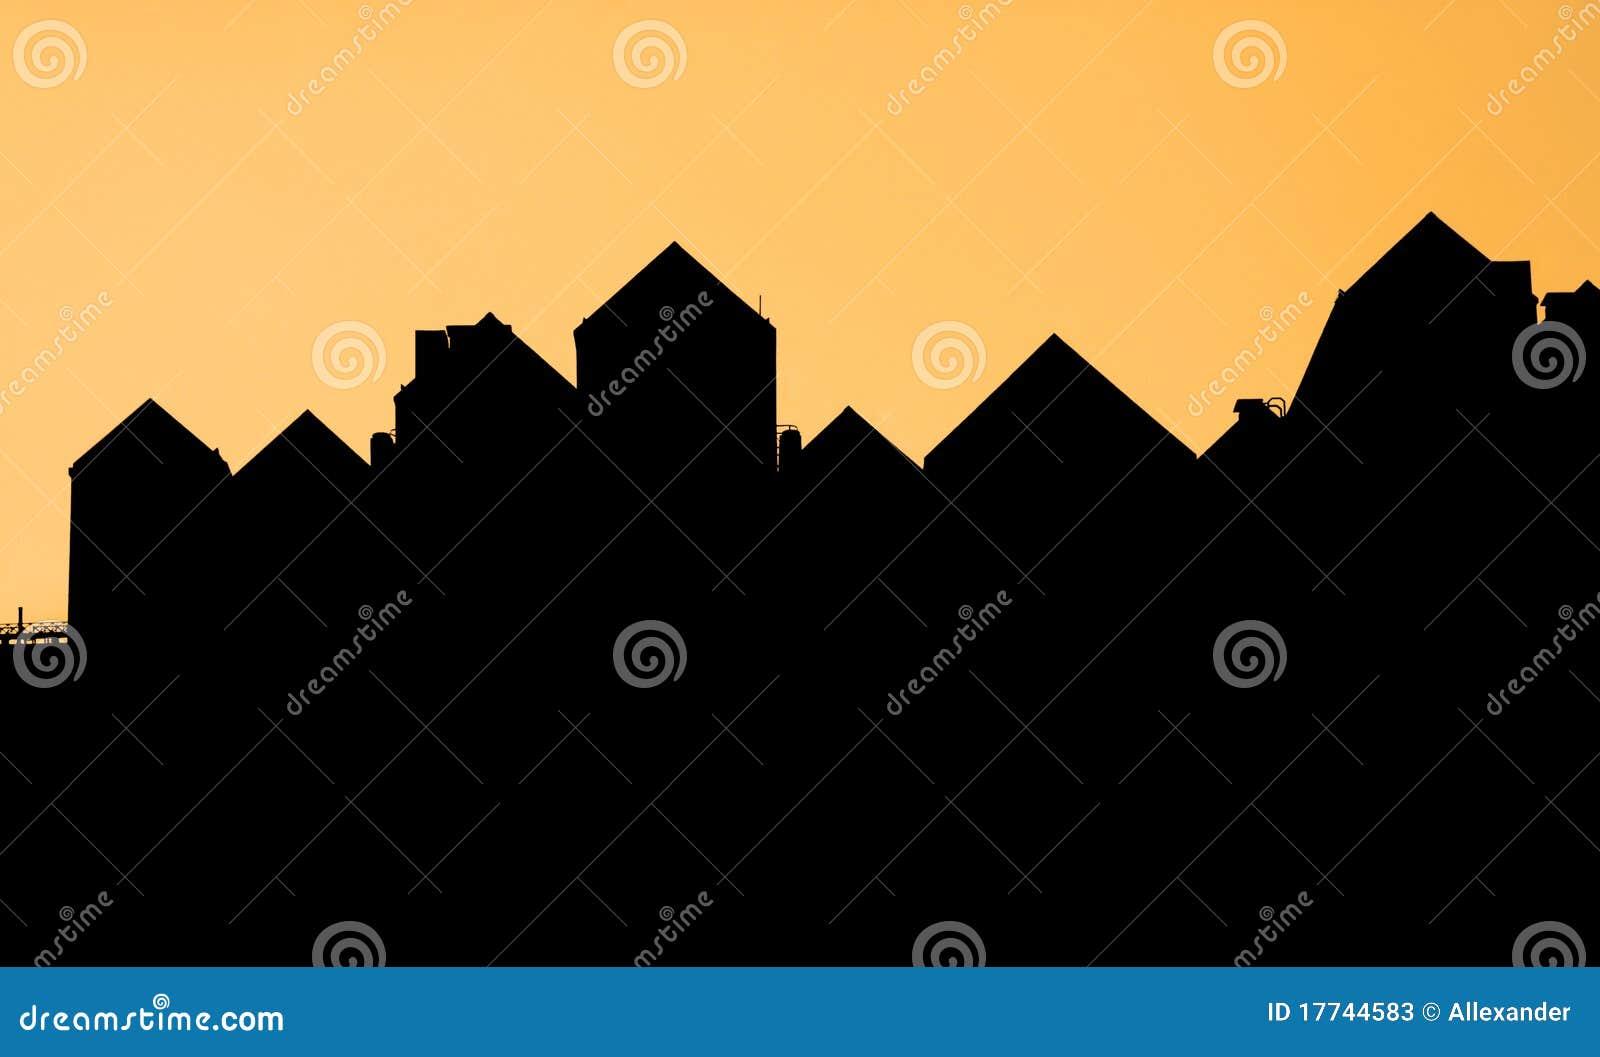 silhouette d 39 un toit d 39 une maison photos stock image 17744583. Black Bedroom Furniture Sets. Home Design Ideas